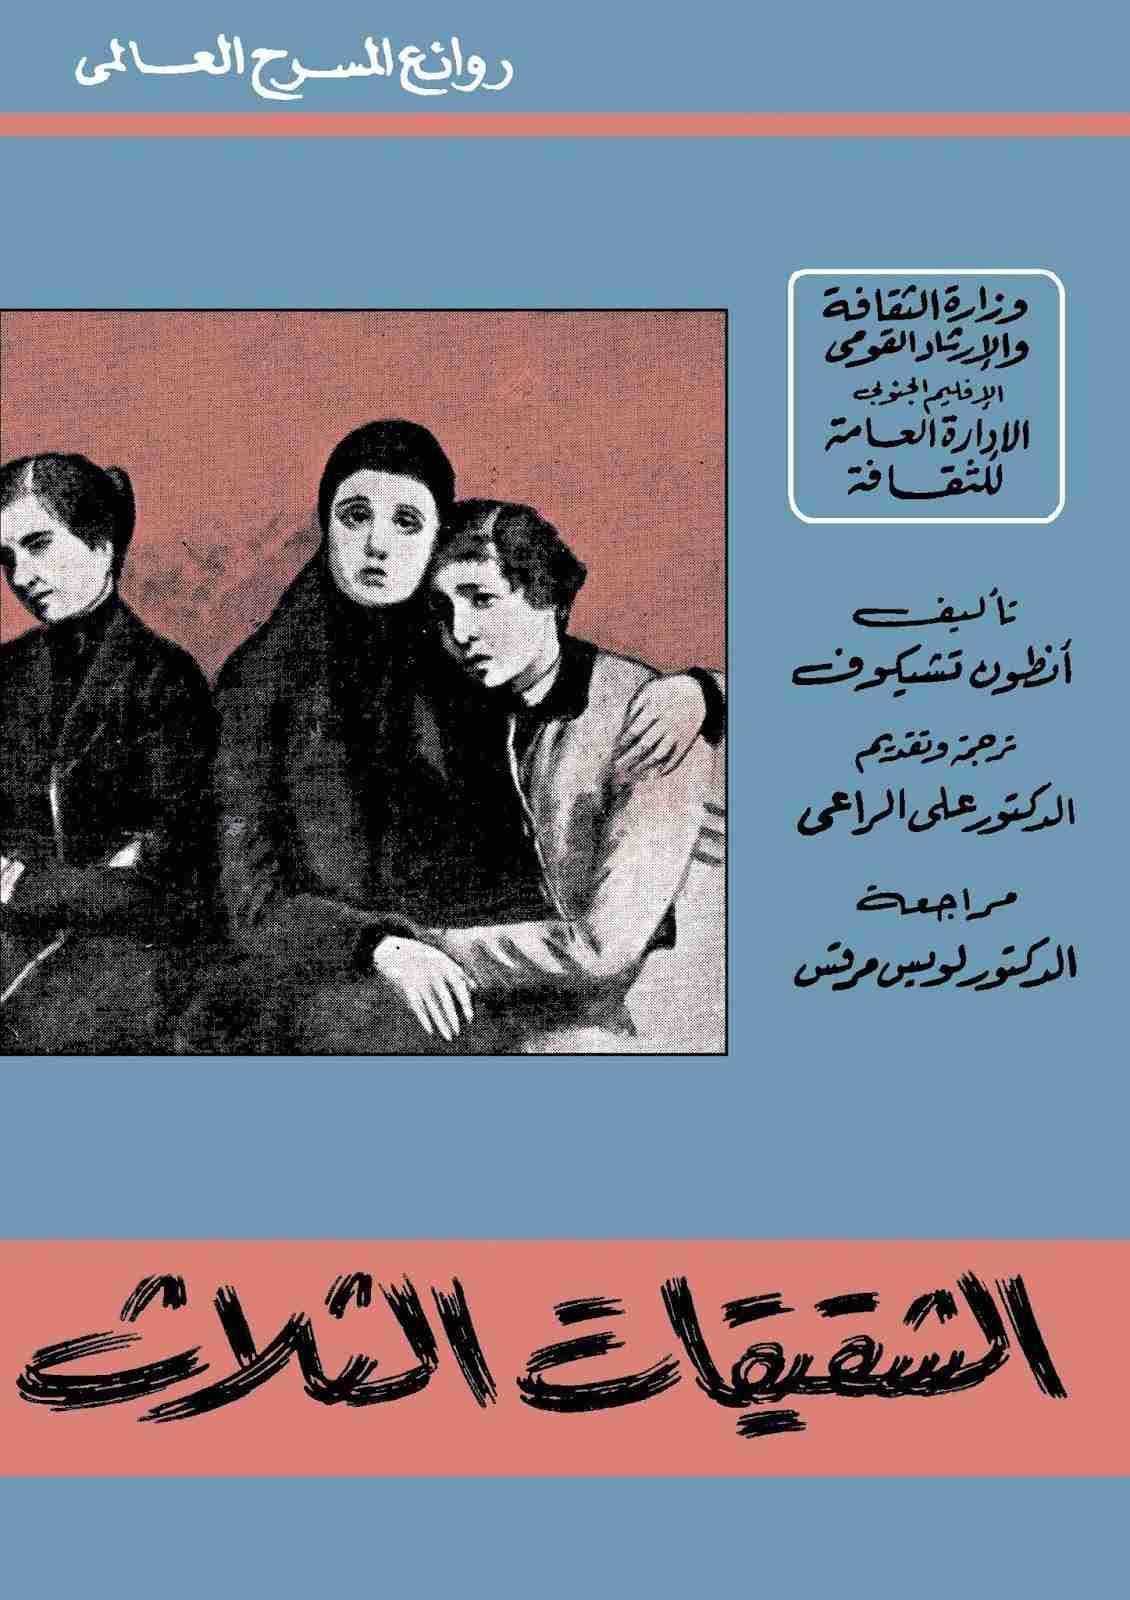 كتاب الشقيقات الثلاث لـ أنطون تشيخوف